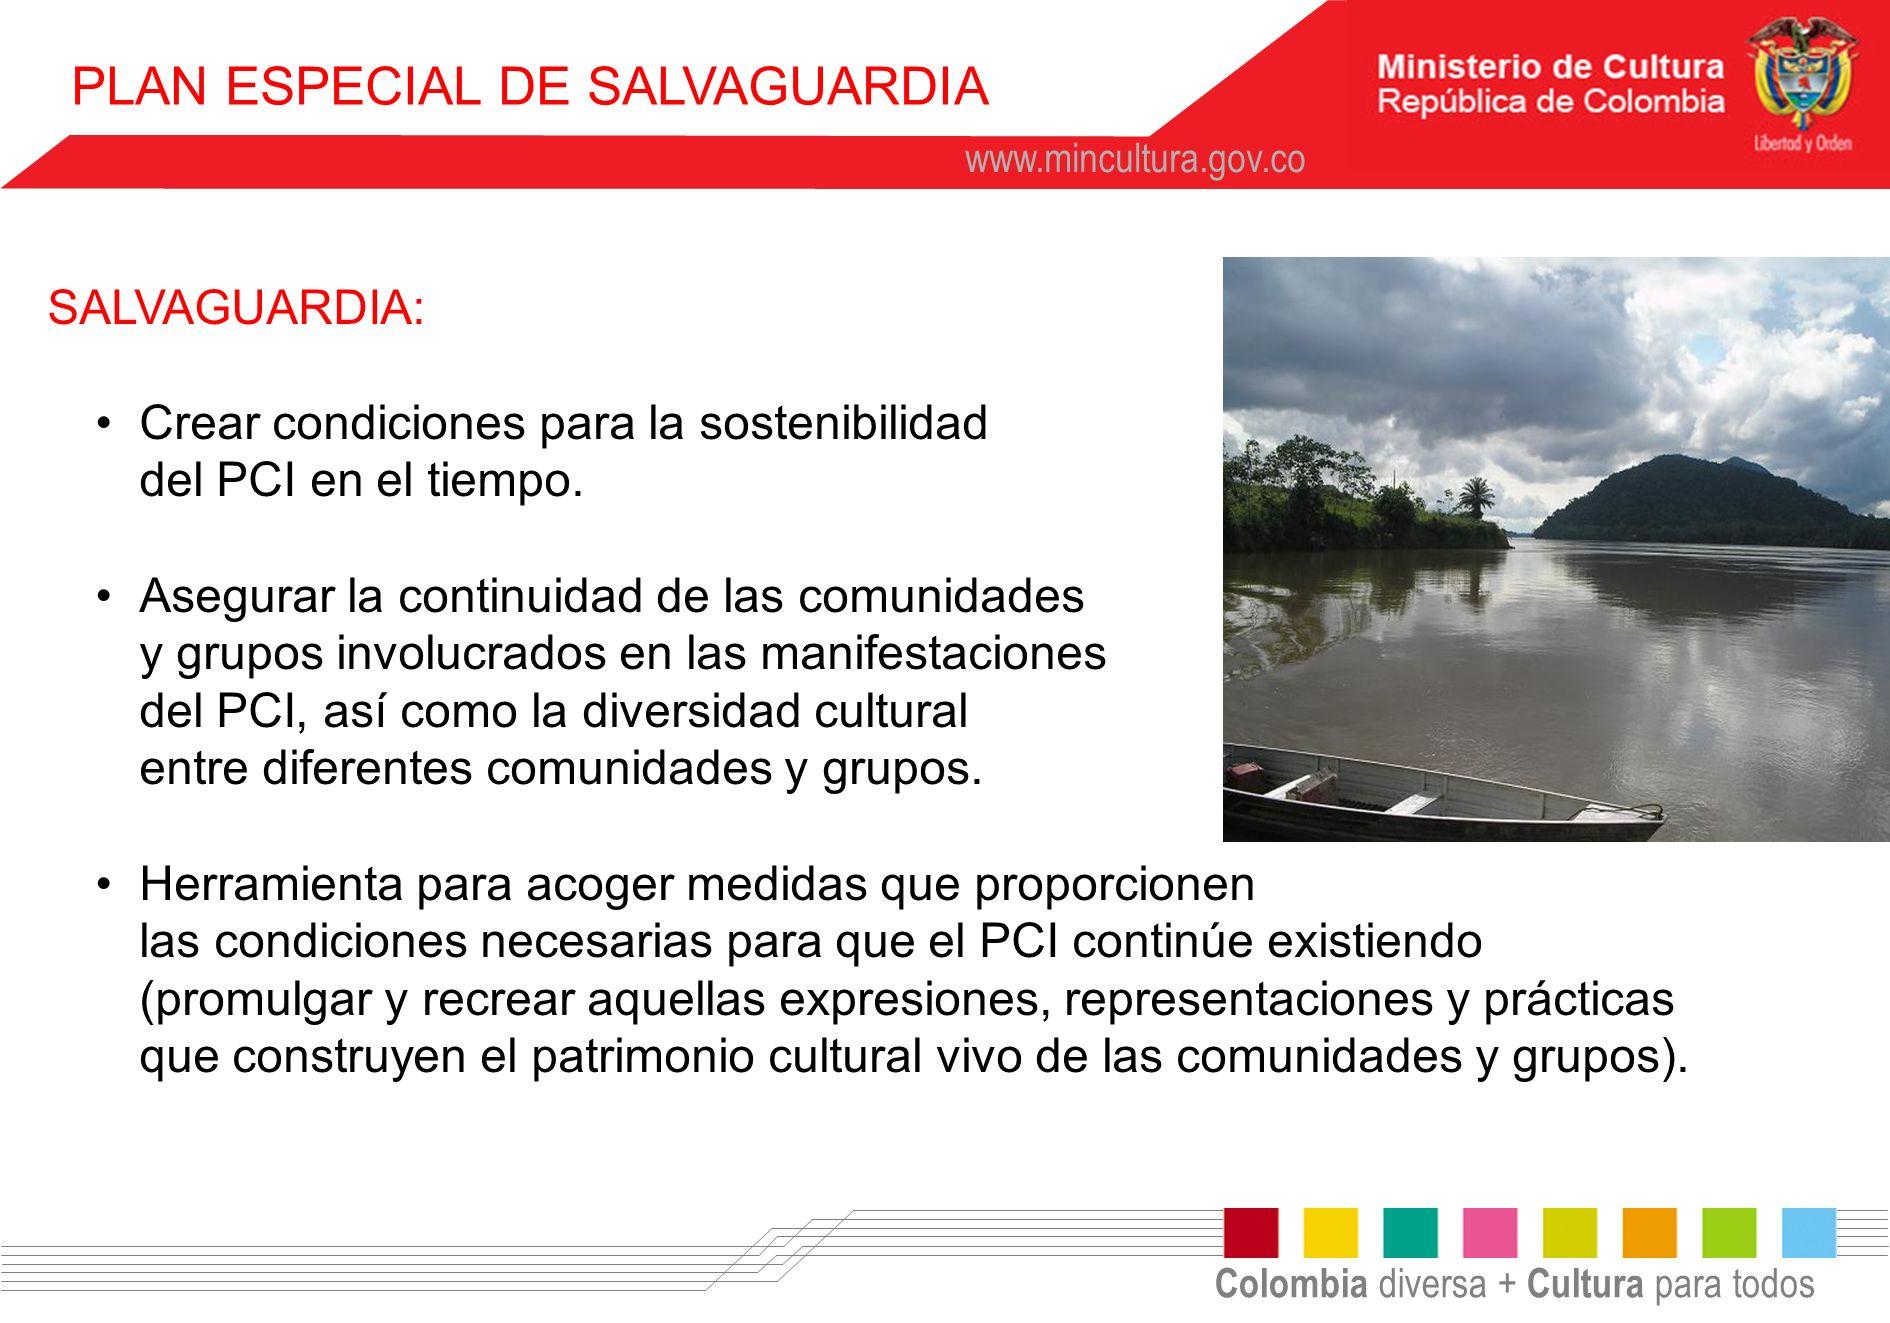 Colombia diversa + Cultura para todos www.mincultura.gov.co PLAN ESPECIAL DE SALVAGUARDIA SALVAGUARDIA: Crear condiciones para la sostenibilidad del P